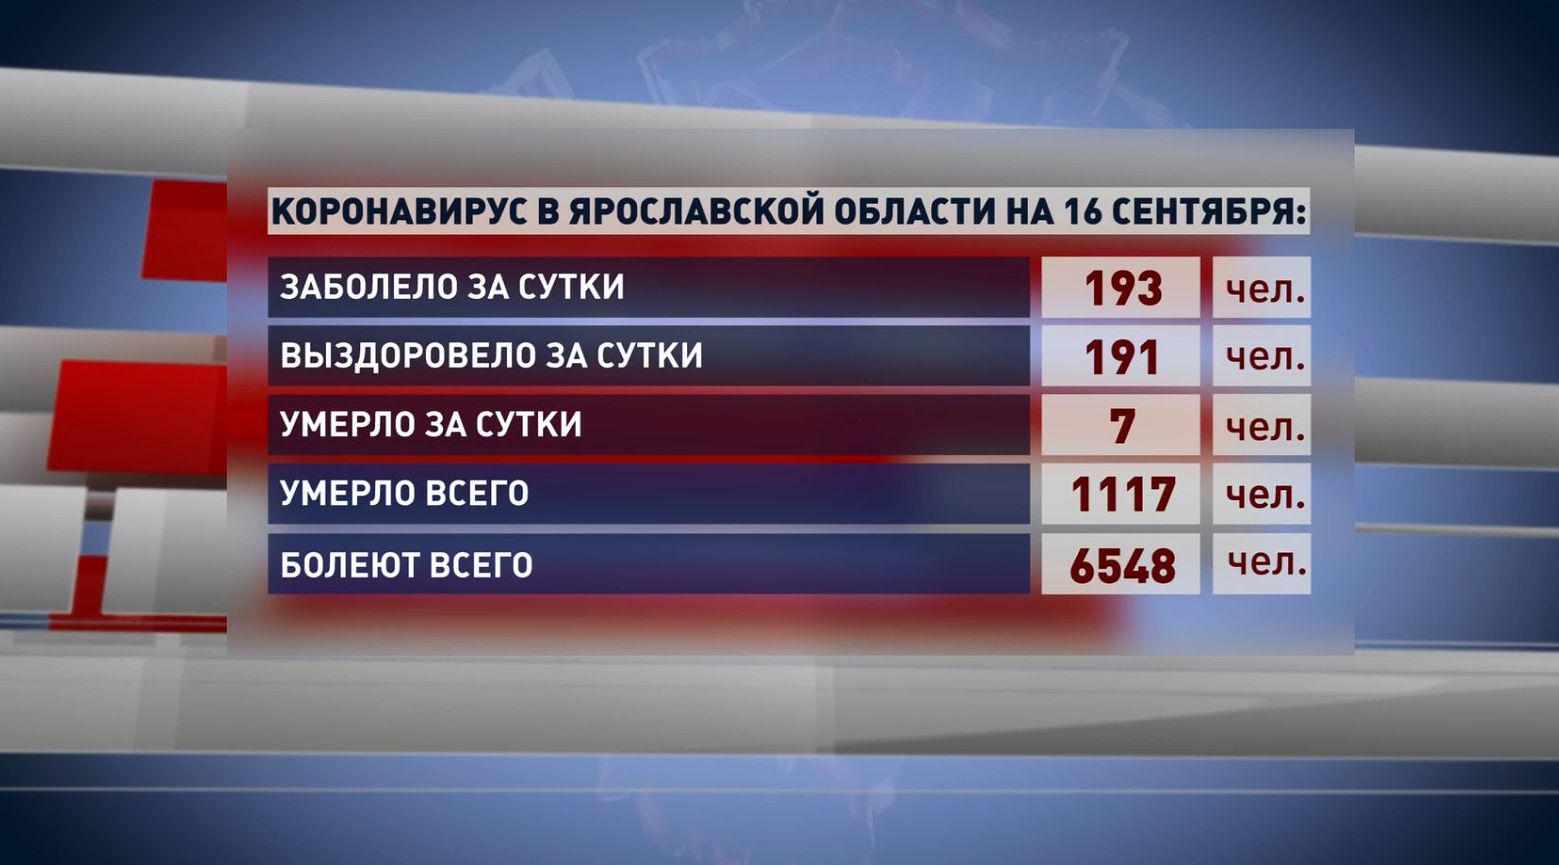 6,5 тысяч заболевших проходят лечение от коронавирусной инфекции в Ярославской области